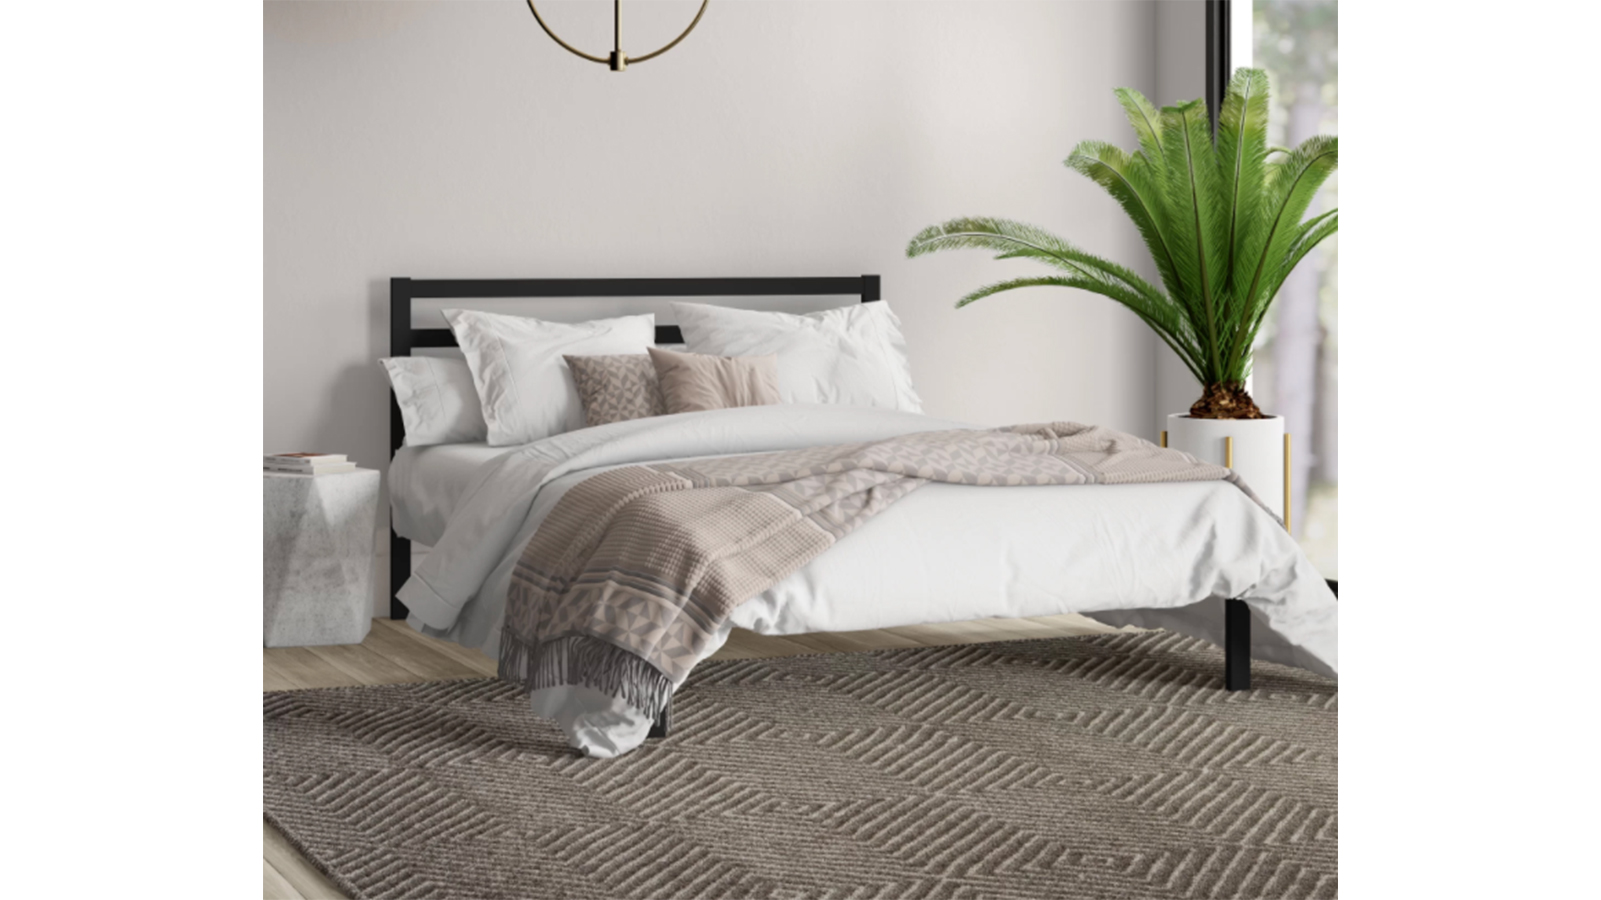 Affordable Bed Frames At Wayfair Picks Under 700 Cnn Underscored